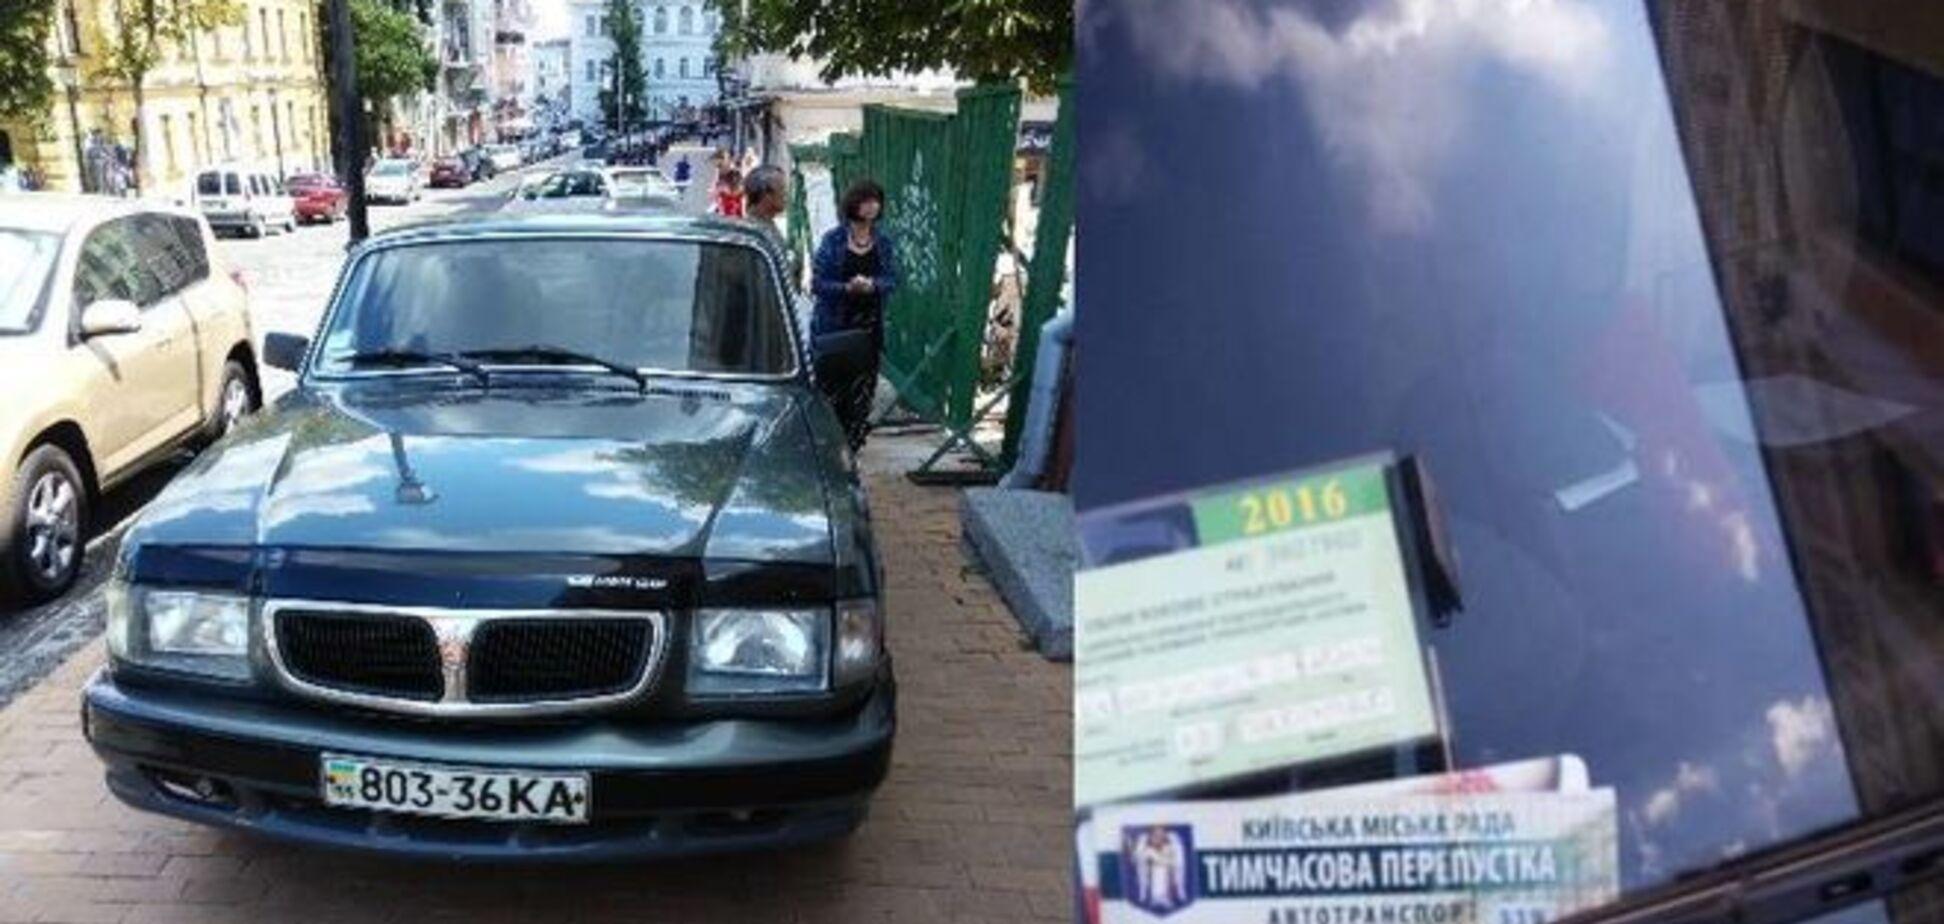 'Мені пофіг': у Києві автомобіль мерії став 'героєм парковки'